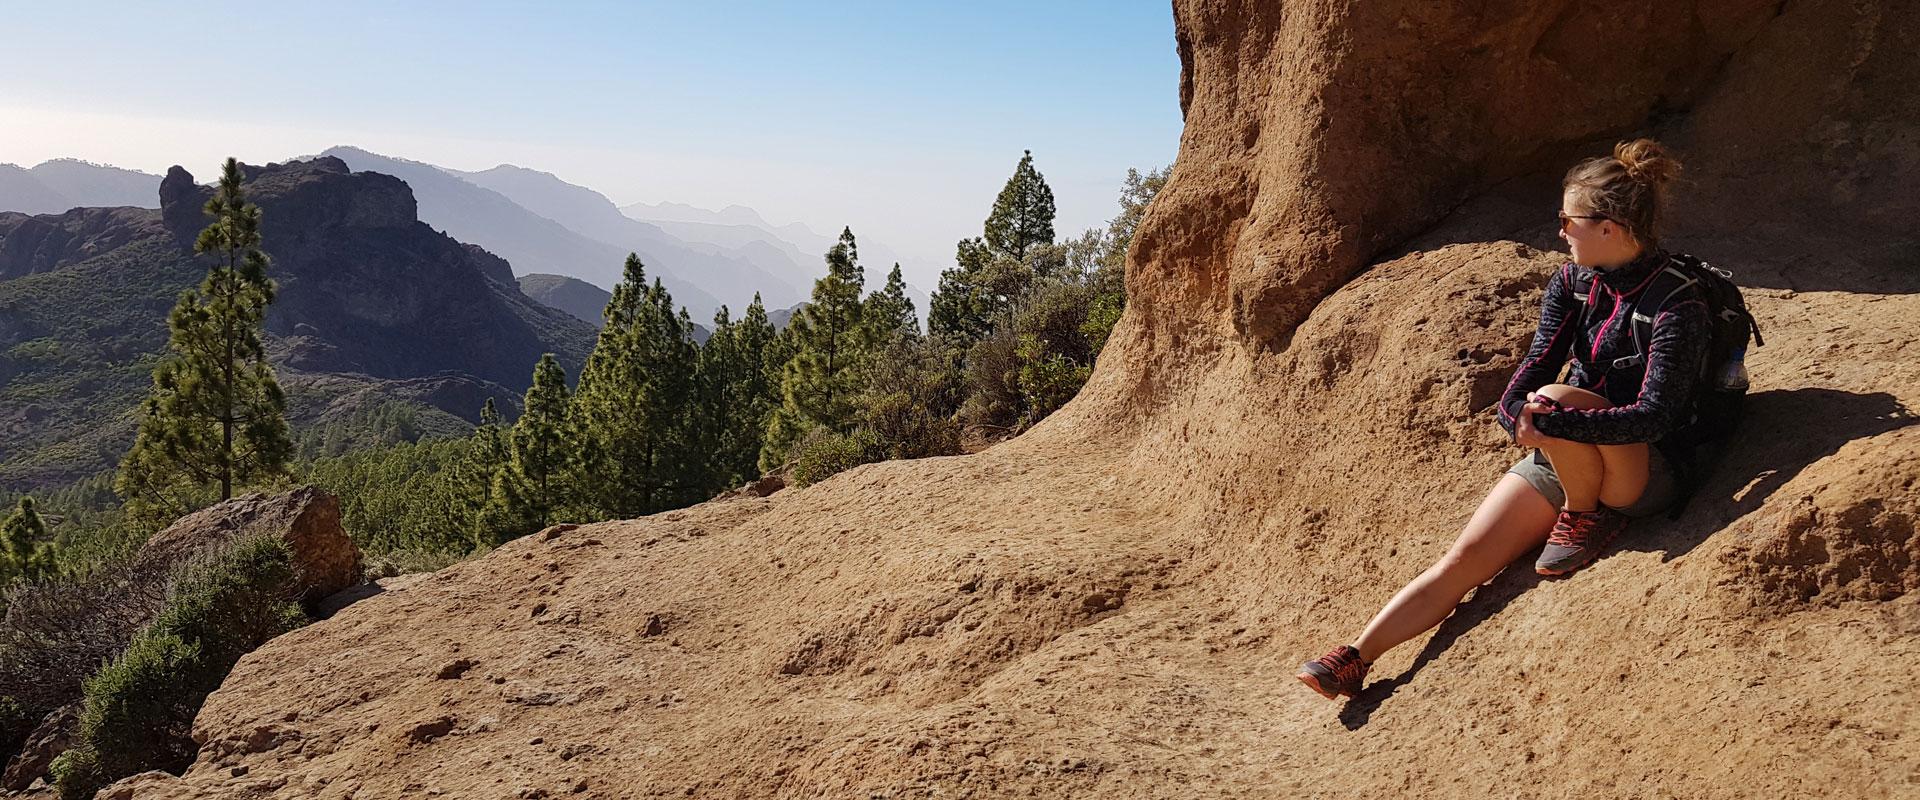 Hiking on Gran Canaria